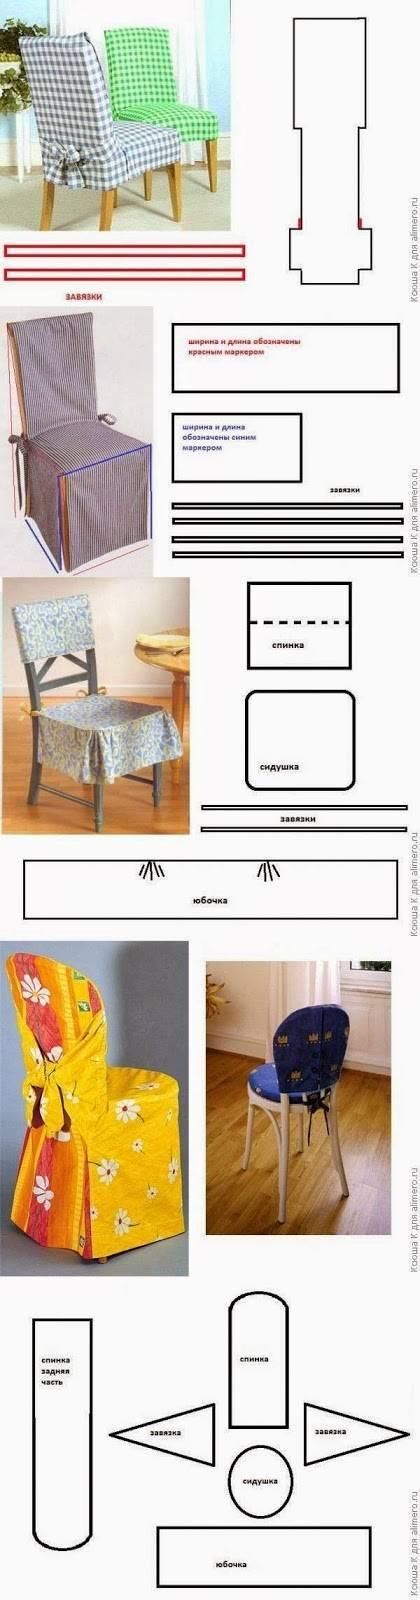 Чехлы на стулья на кухню: со спинкой, как сделать своими руками из ткани, без шитья